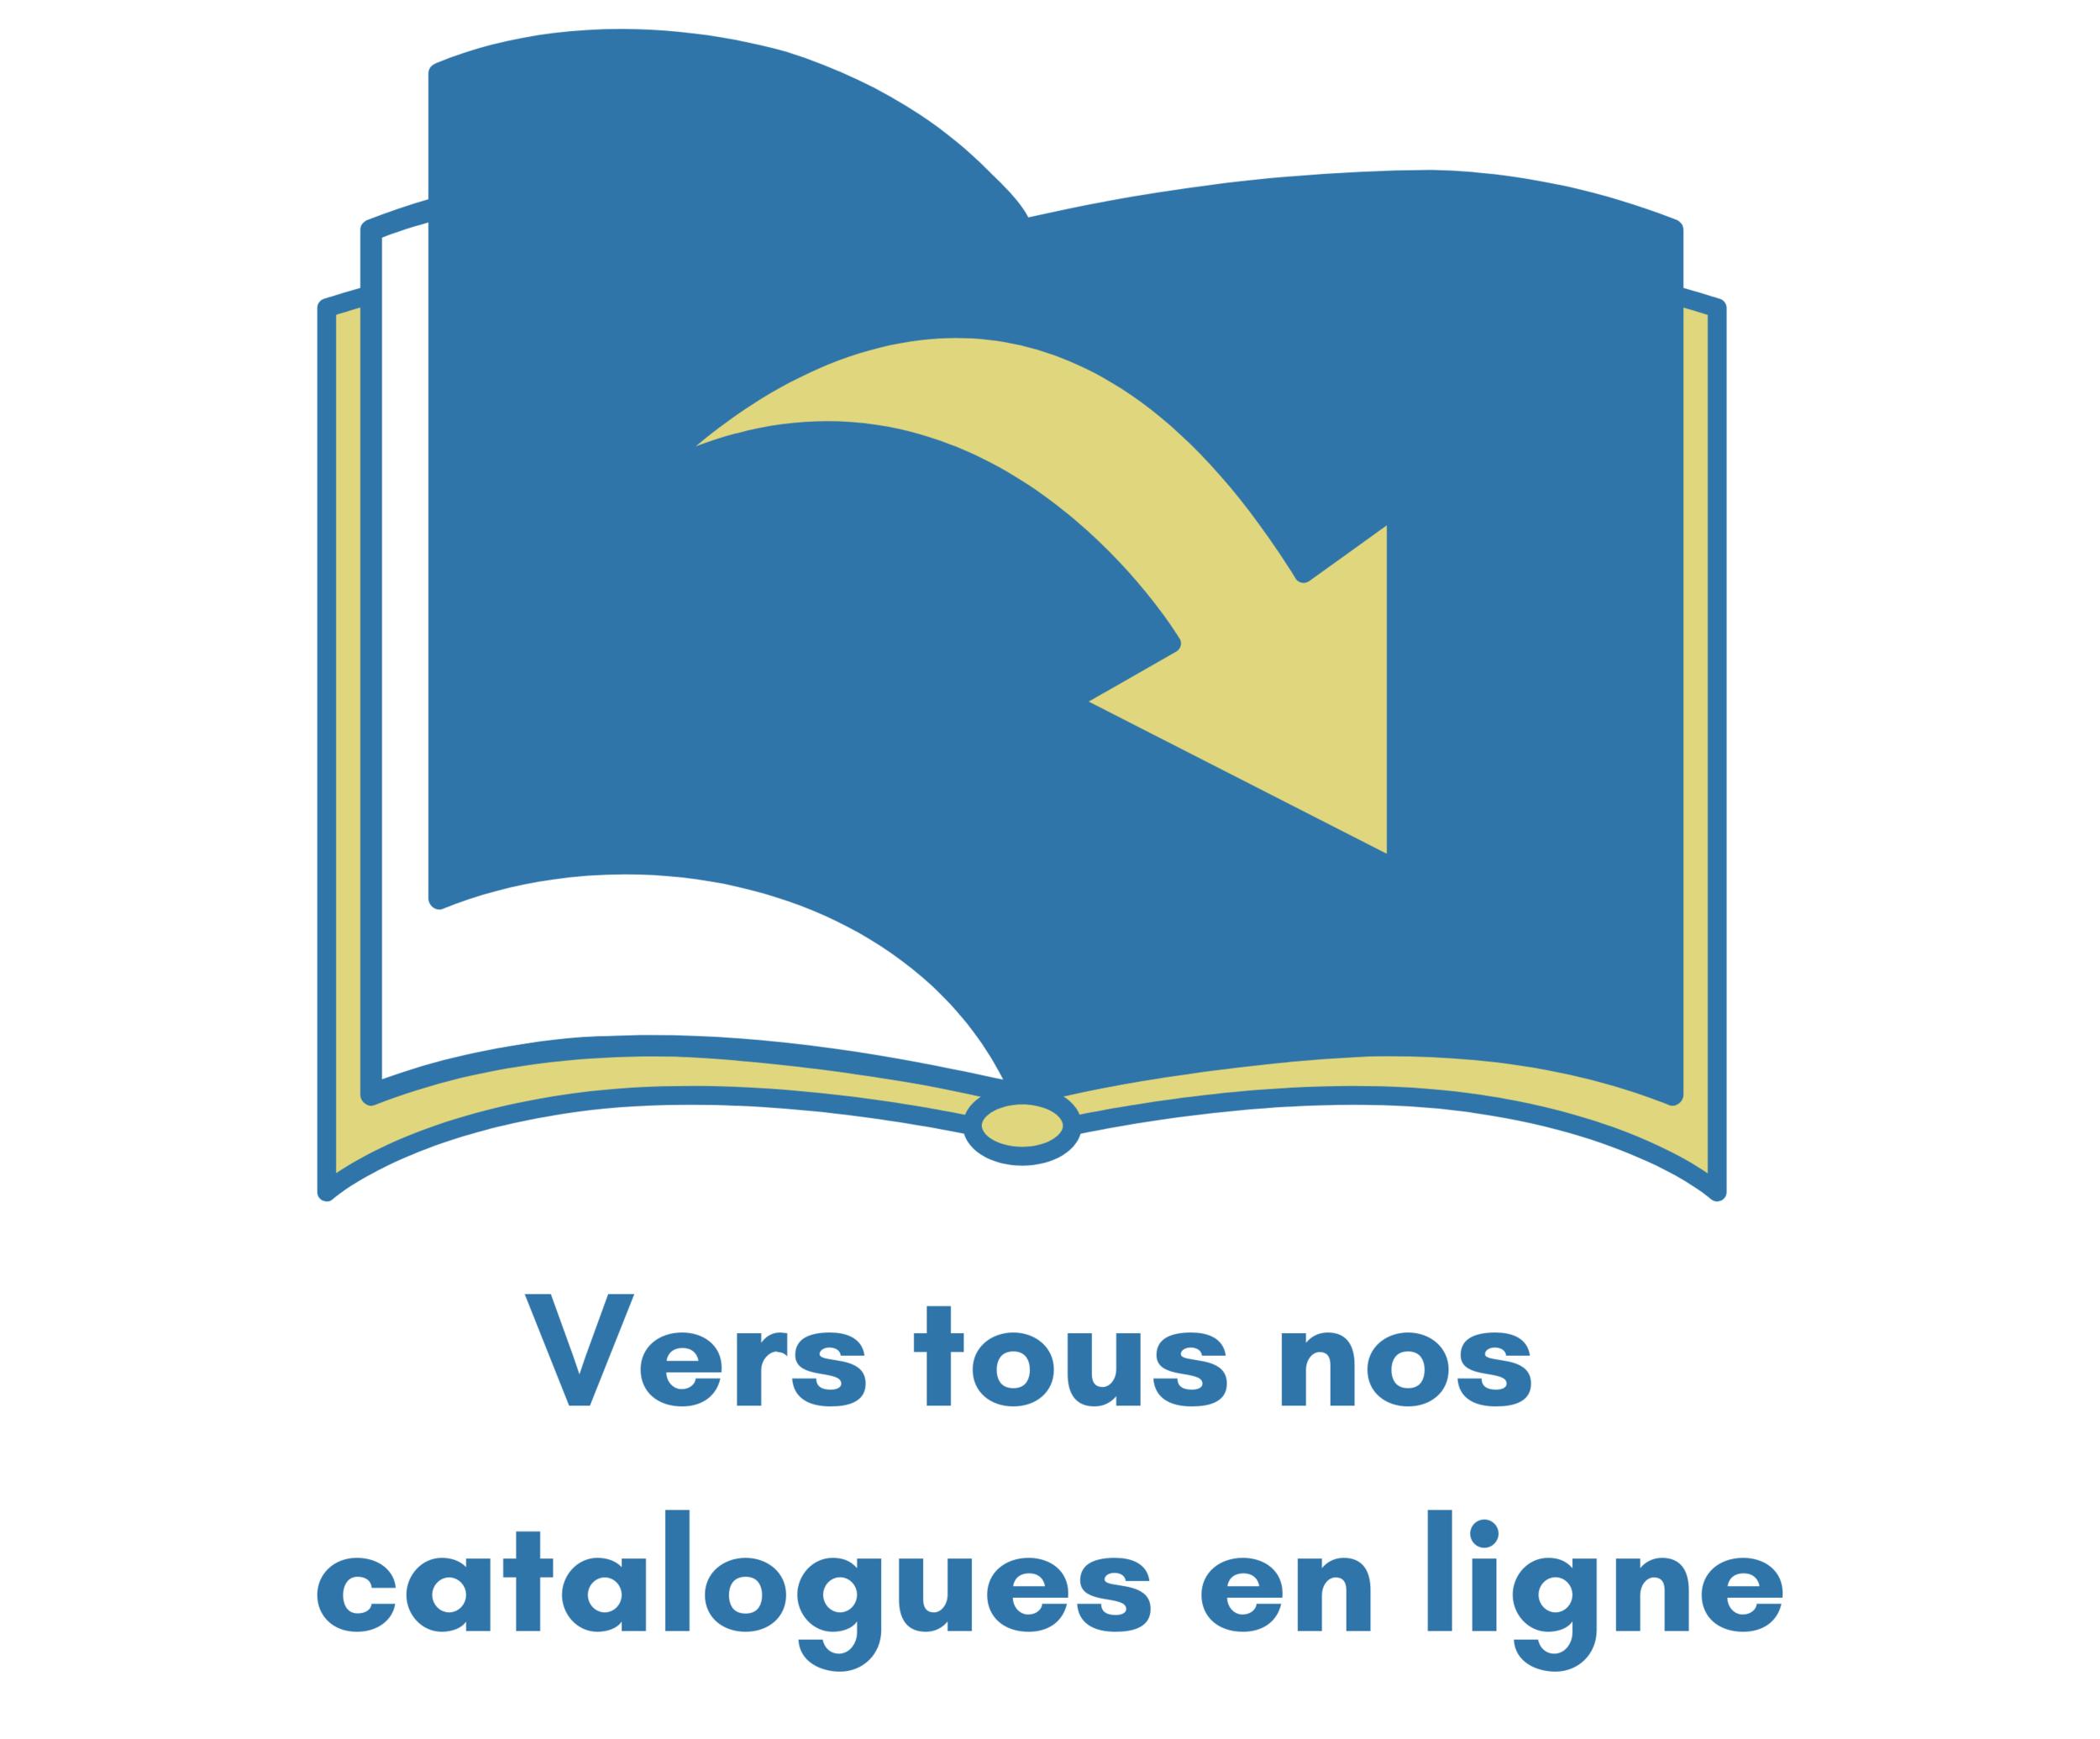 Vers les catalogues en ligne